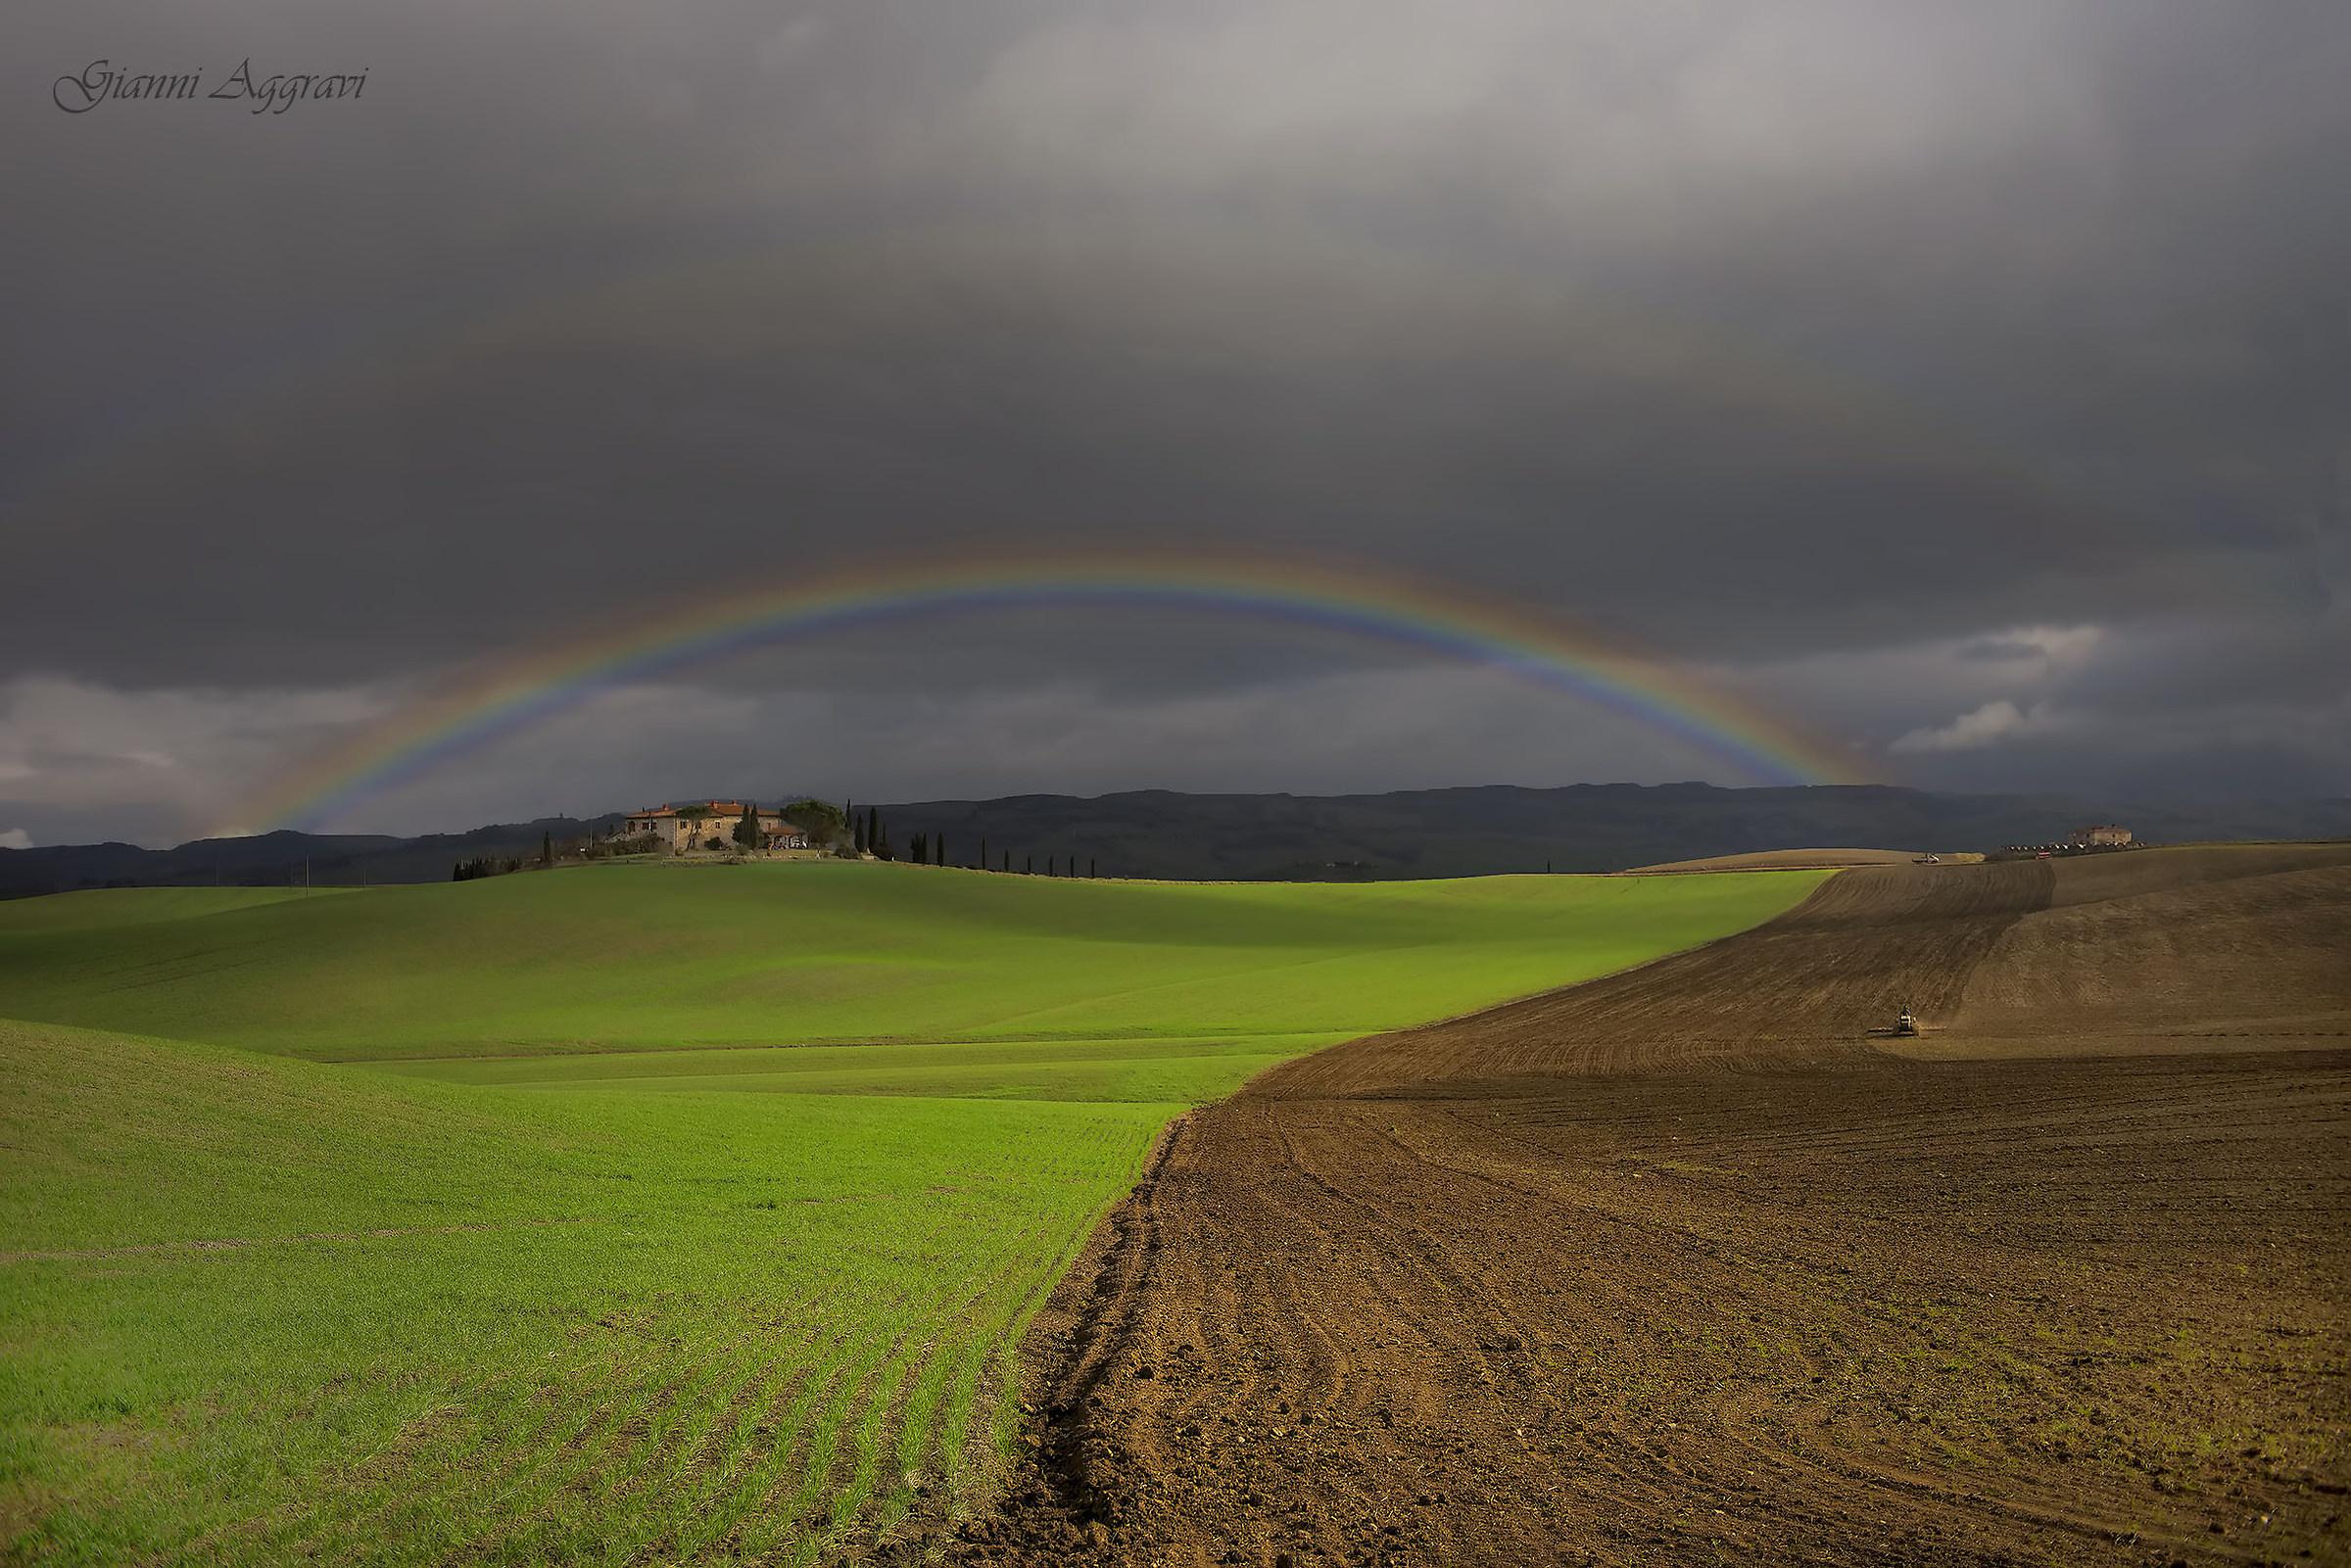 Working under the Rainbow...